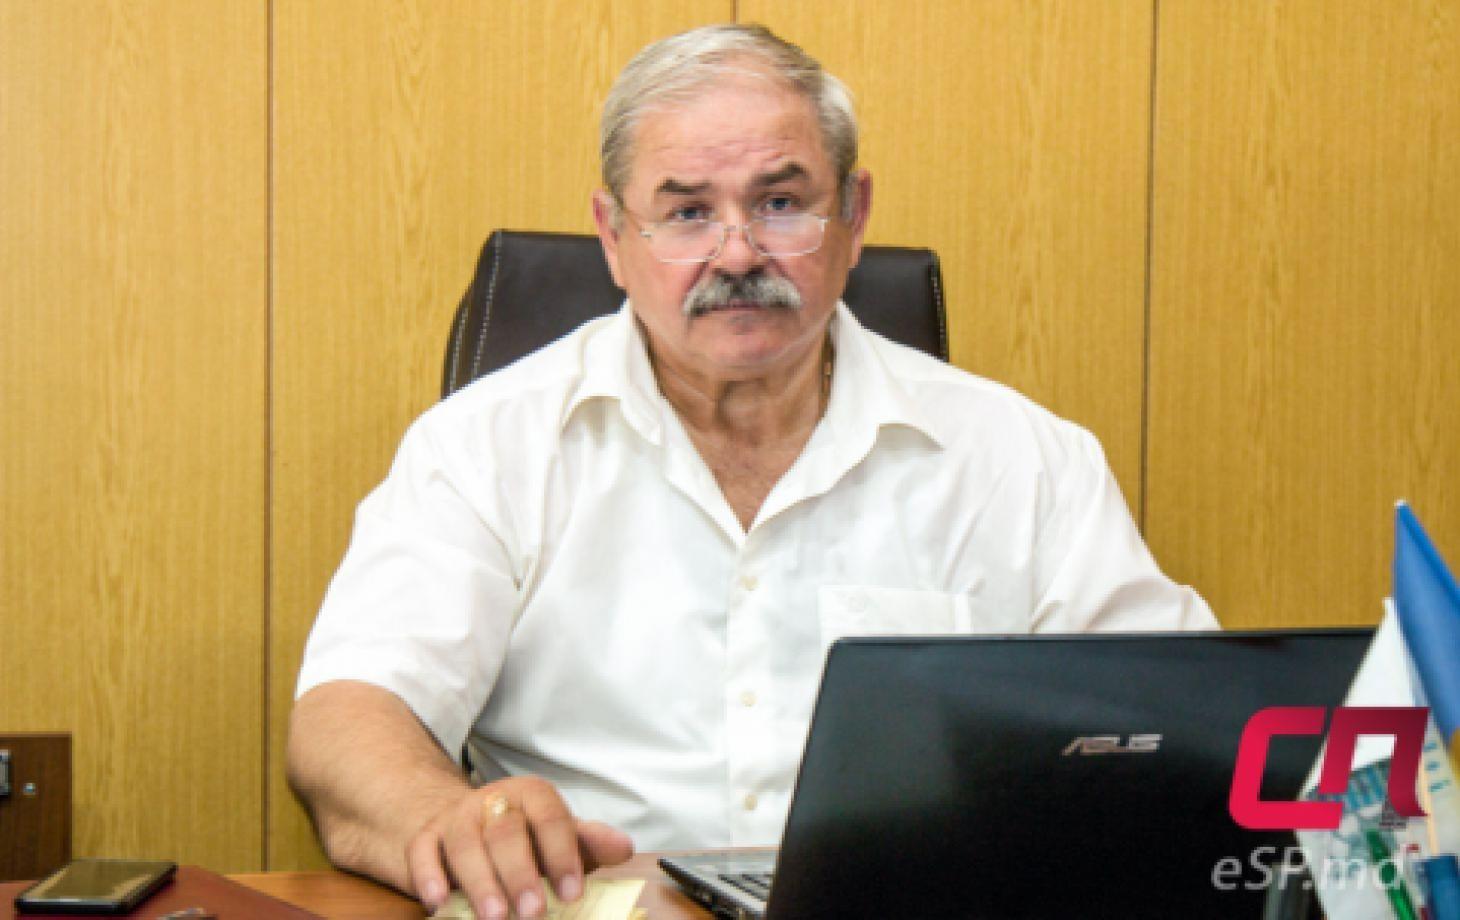 Главный врач Бельцкой муниципальной больницы Сергей Ротарь